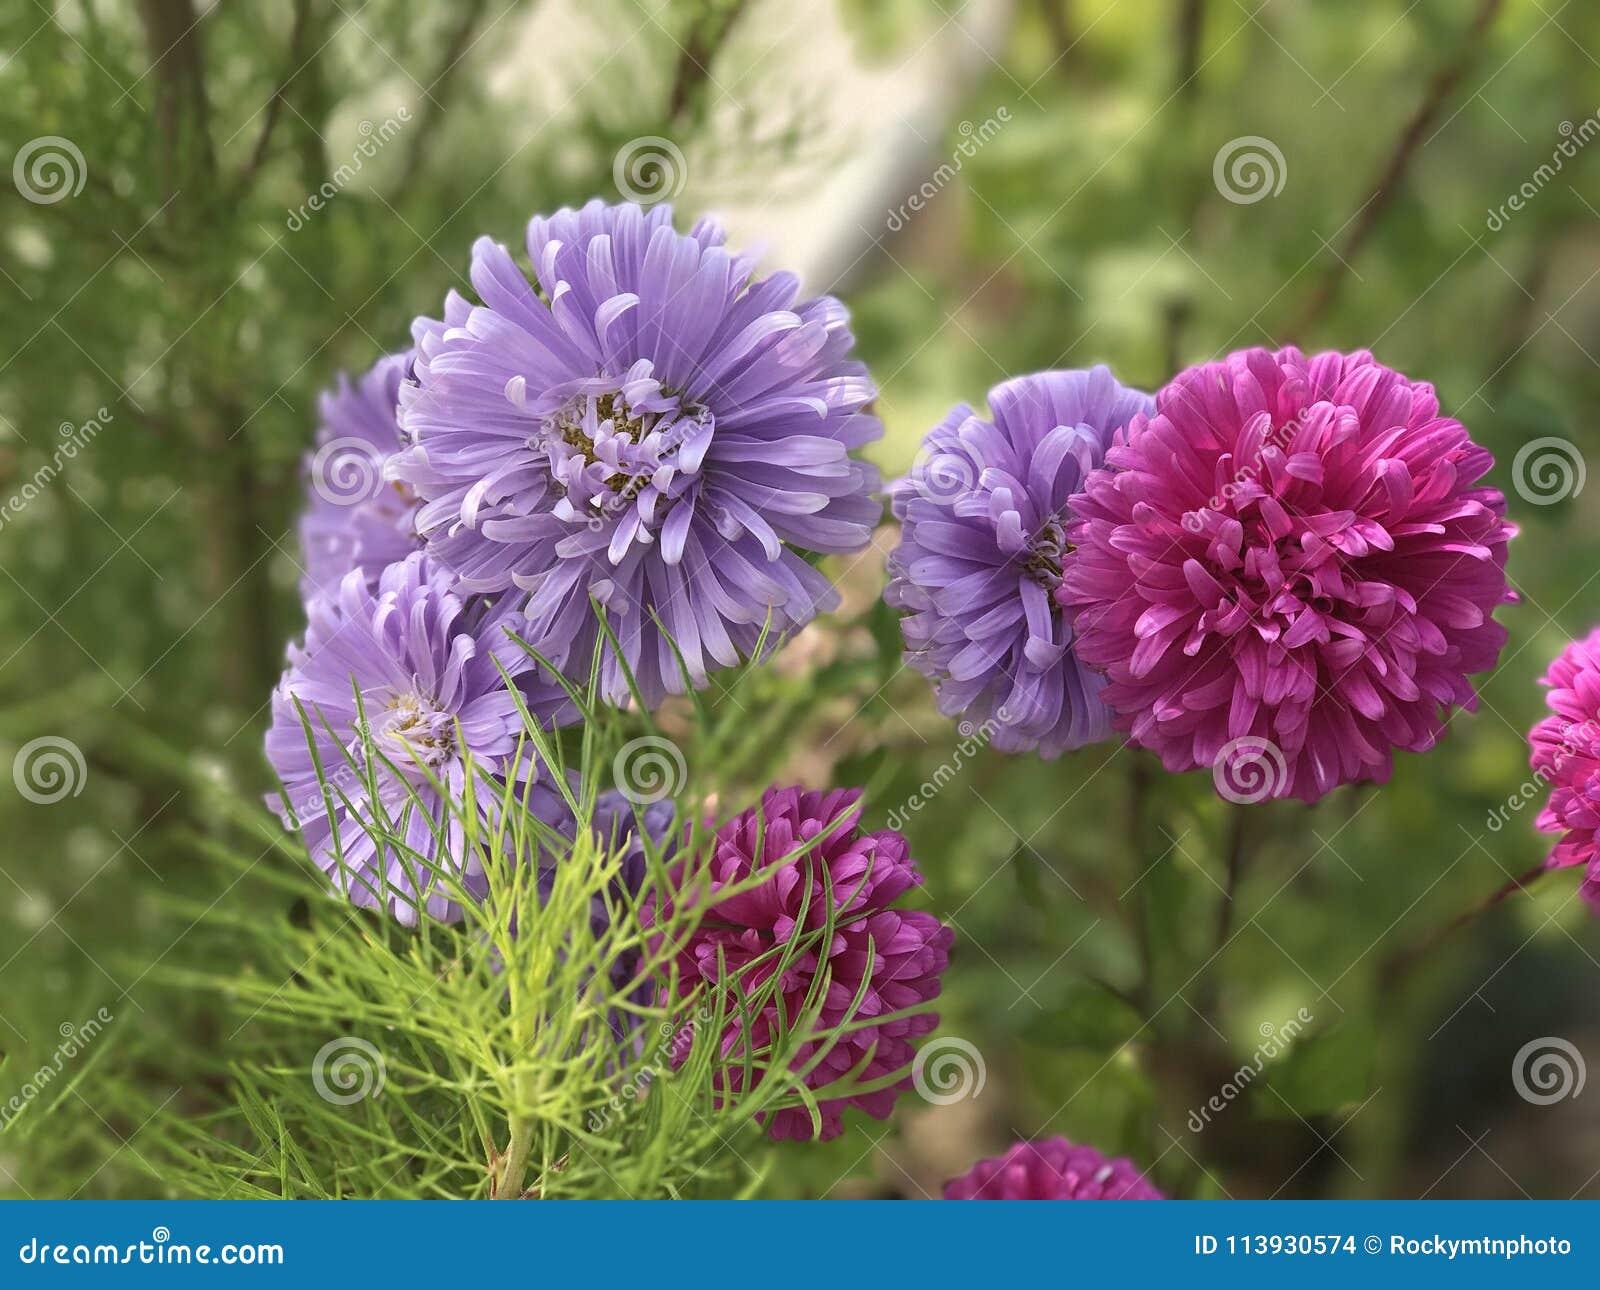 Delphiniums are perennials grown for their showy spikes delphinium delphiniums perennial flowers growing in a green garden in colorado izmirmasajfo